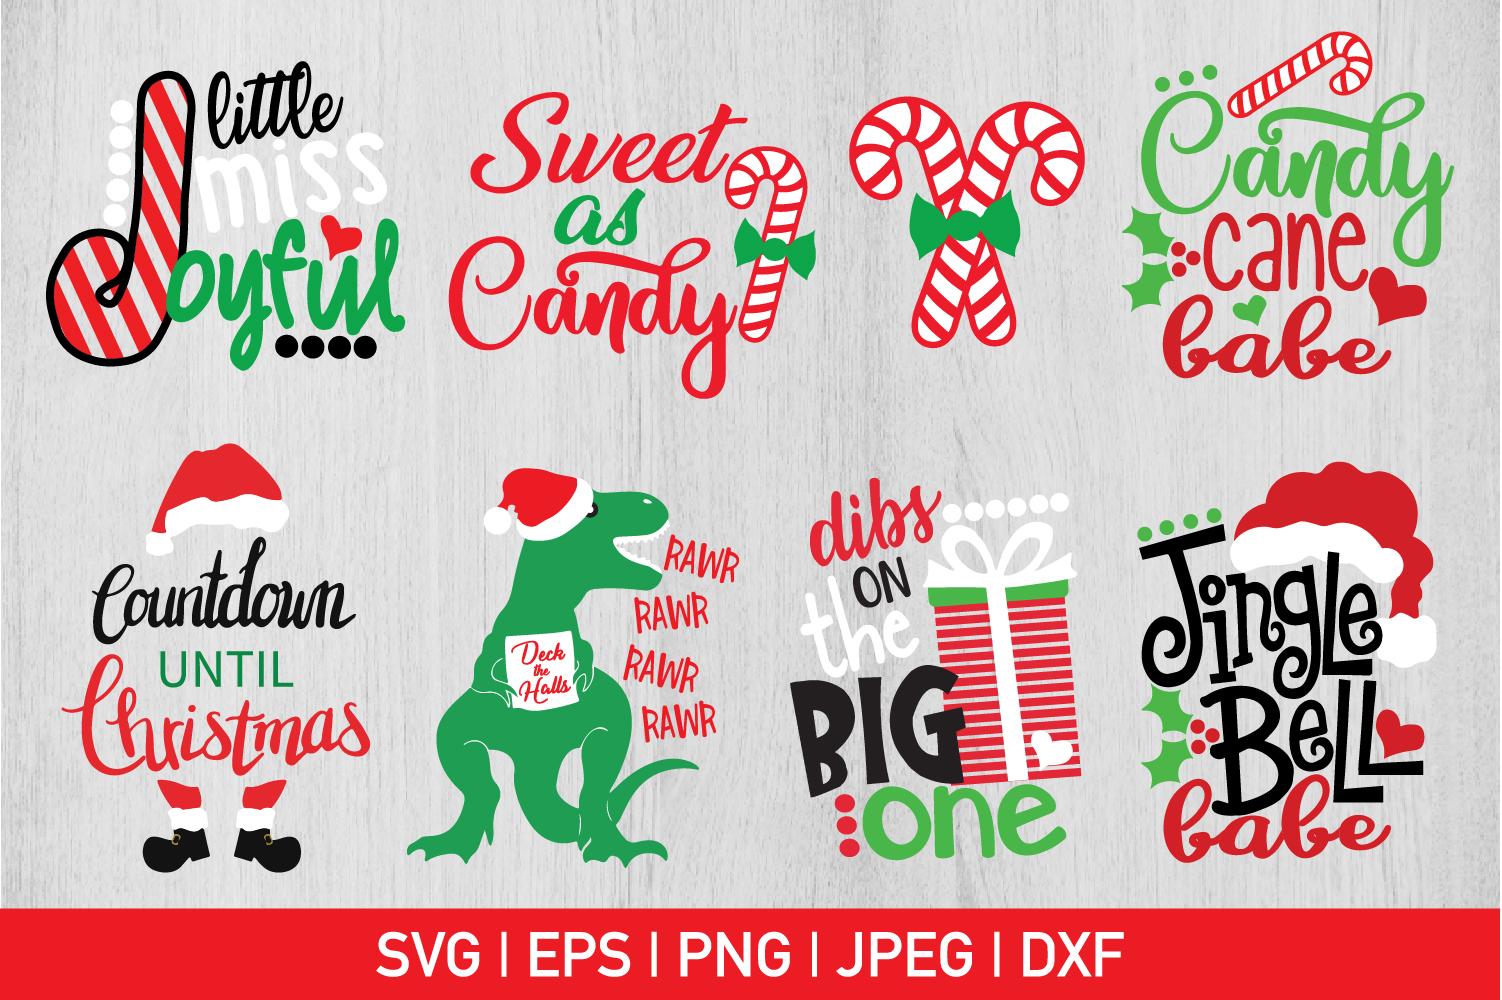 Christmas Bundle Svg example image 1